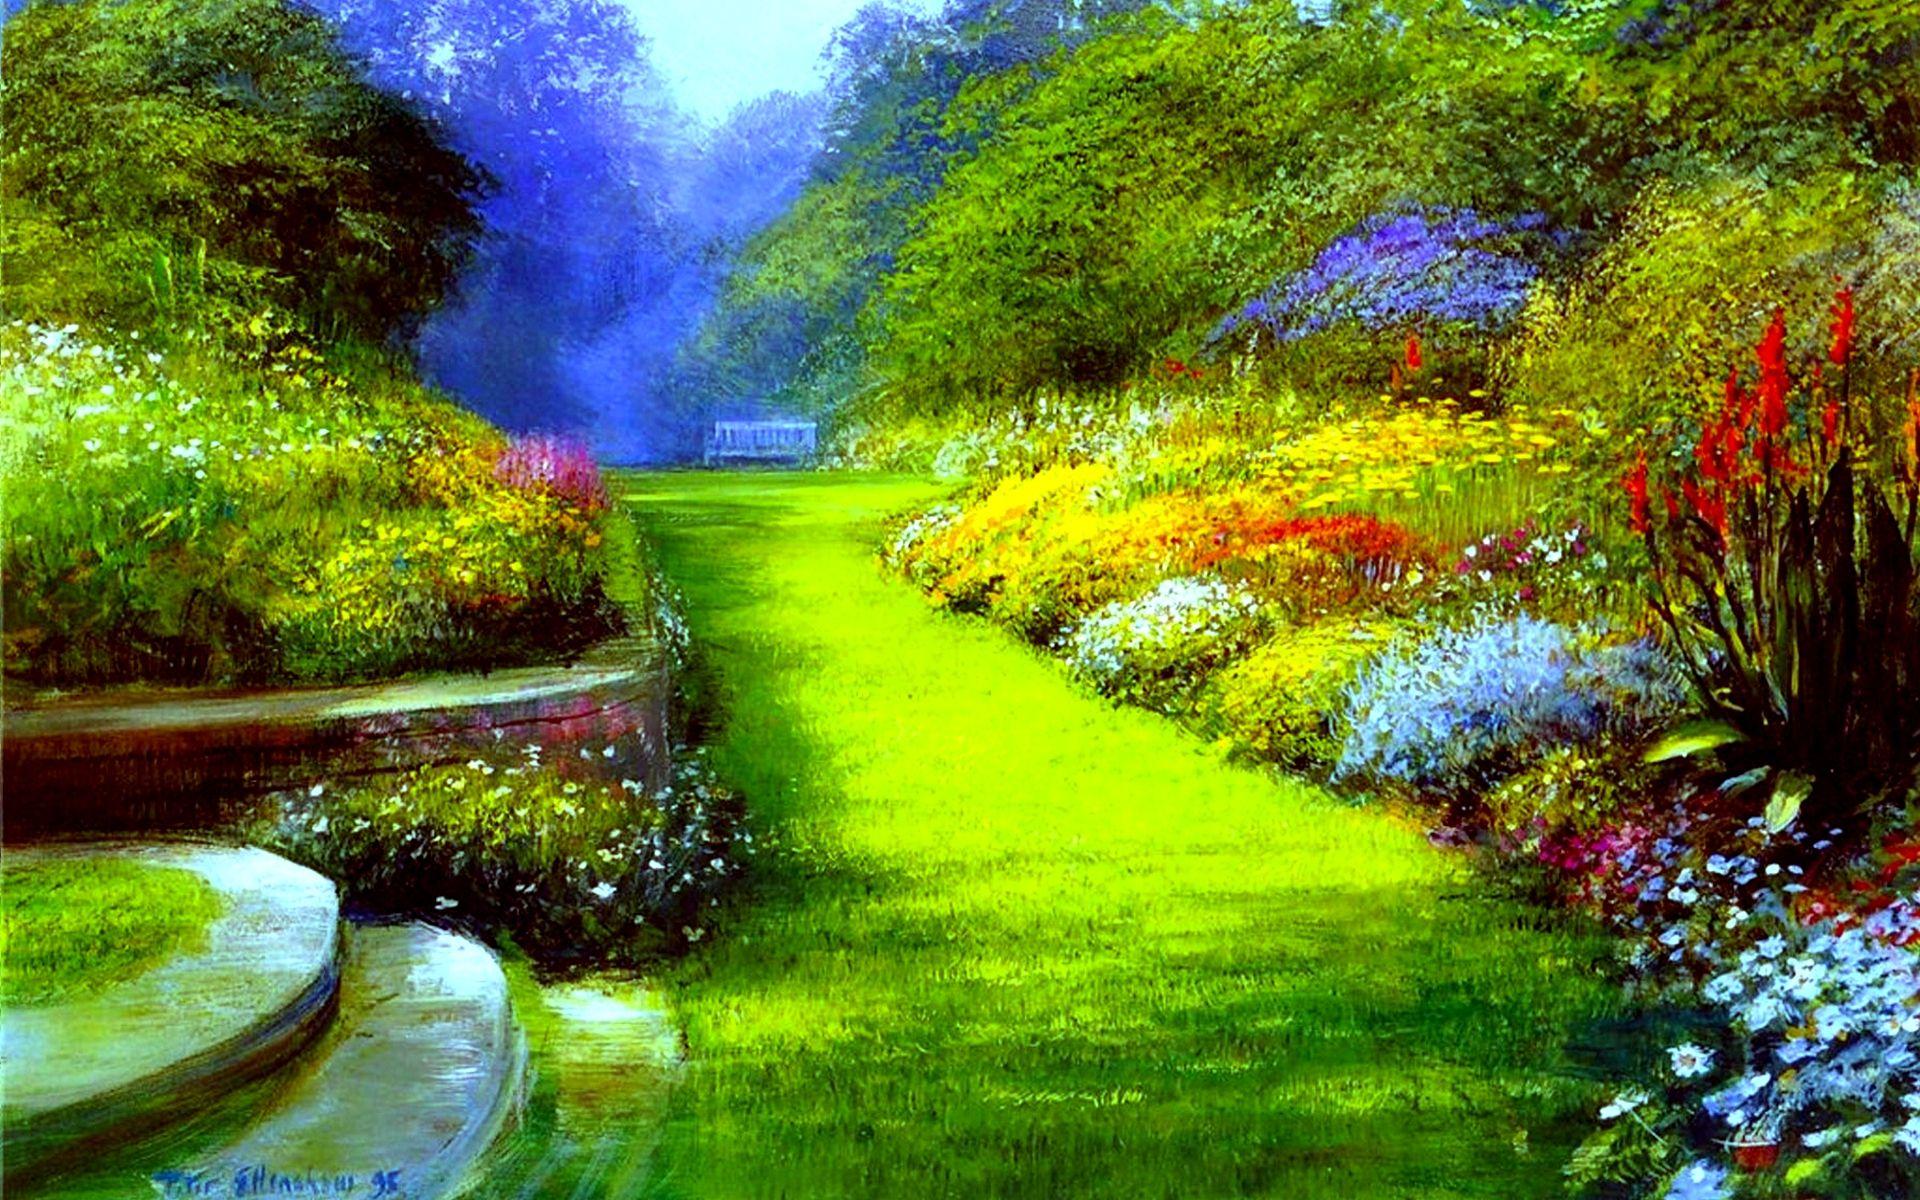 Spring Park Wide Desktop Background wallpaper free   Nature ... for Flower Park Background  279cpg